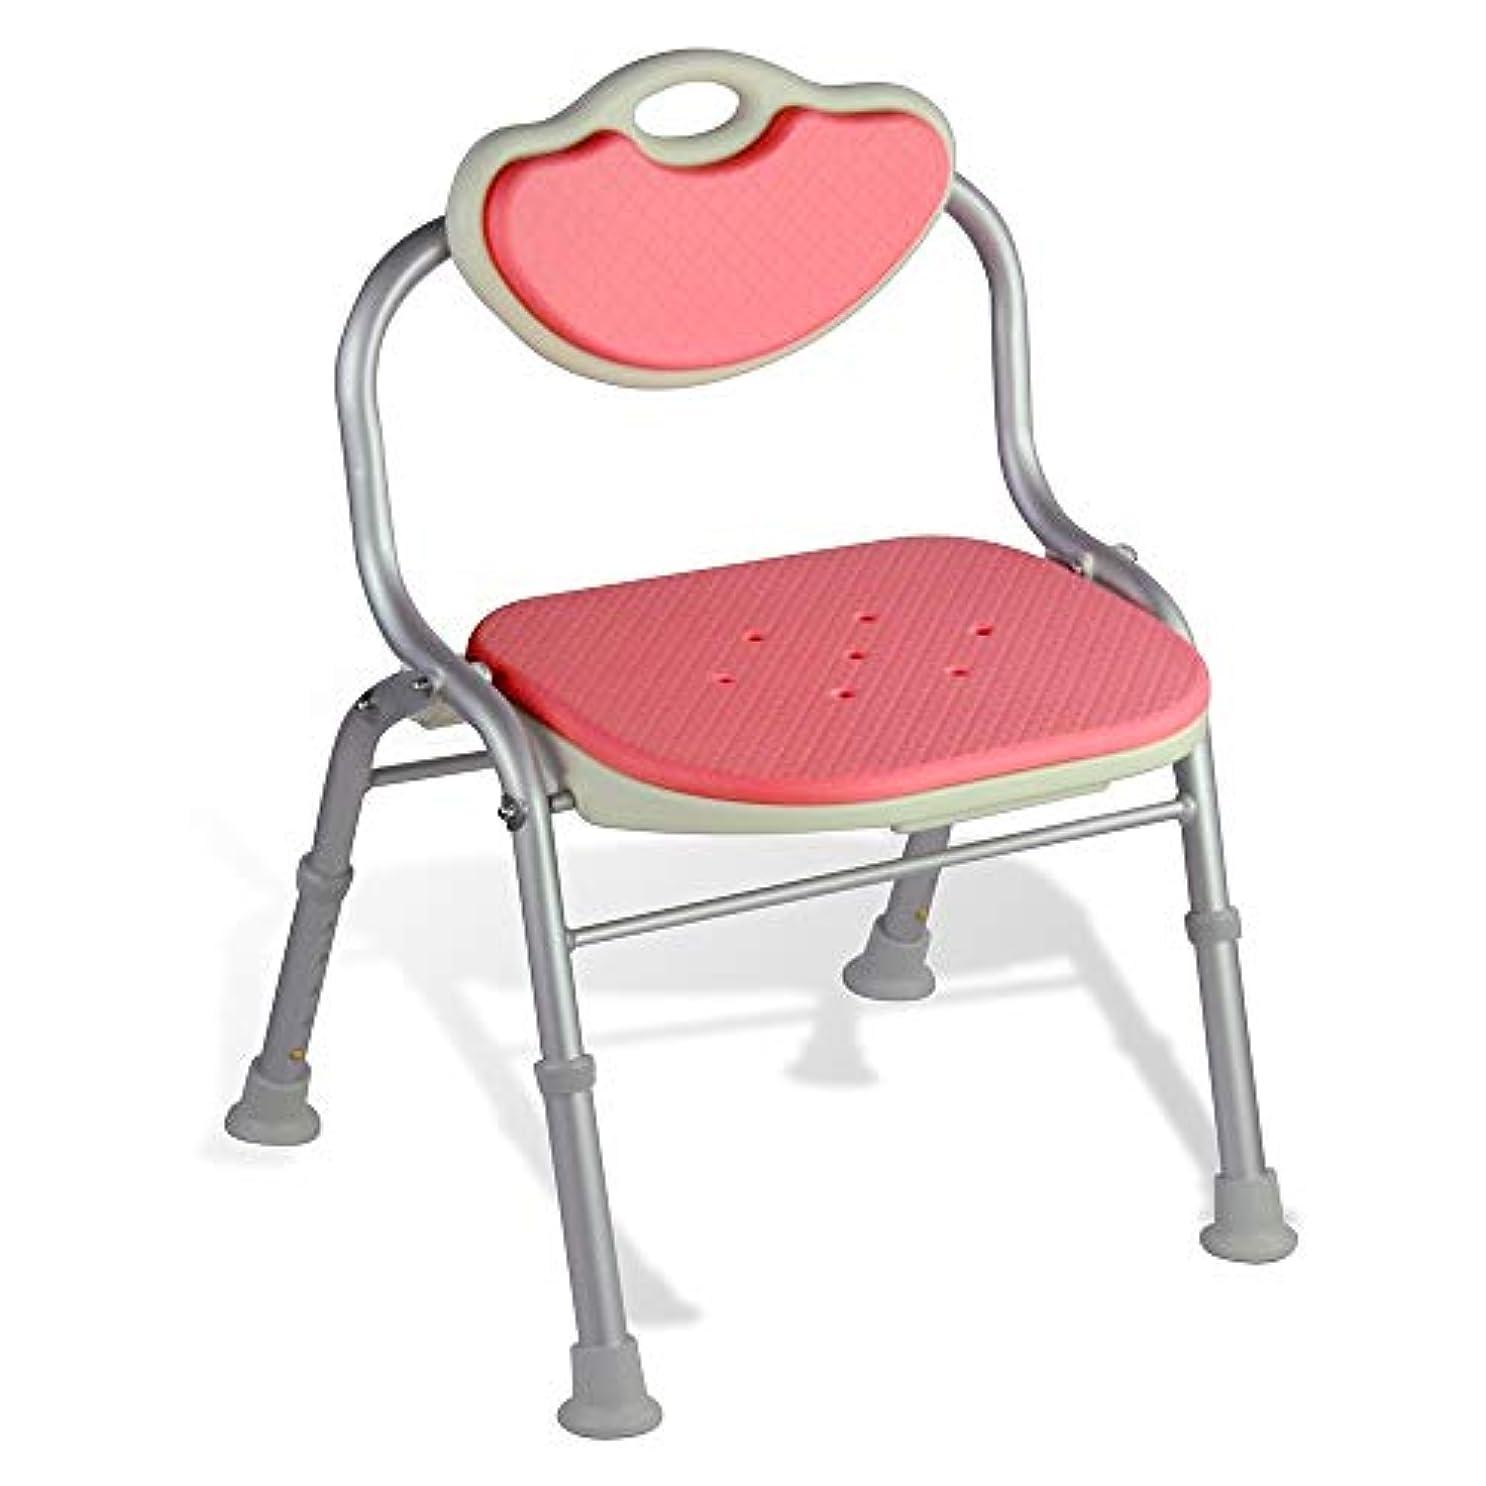 ゴルフスケルトン避ける調節可能なシャワーチェア、背中付き-障害者、障害者、高齢者向けのバスタブチェア (Color : ピンク)